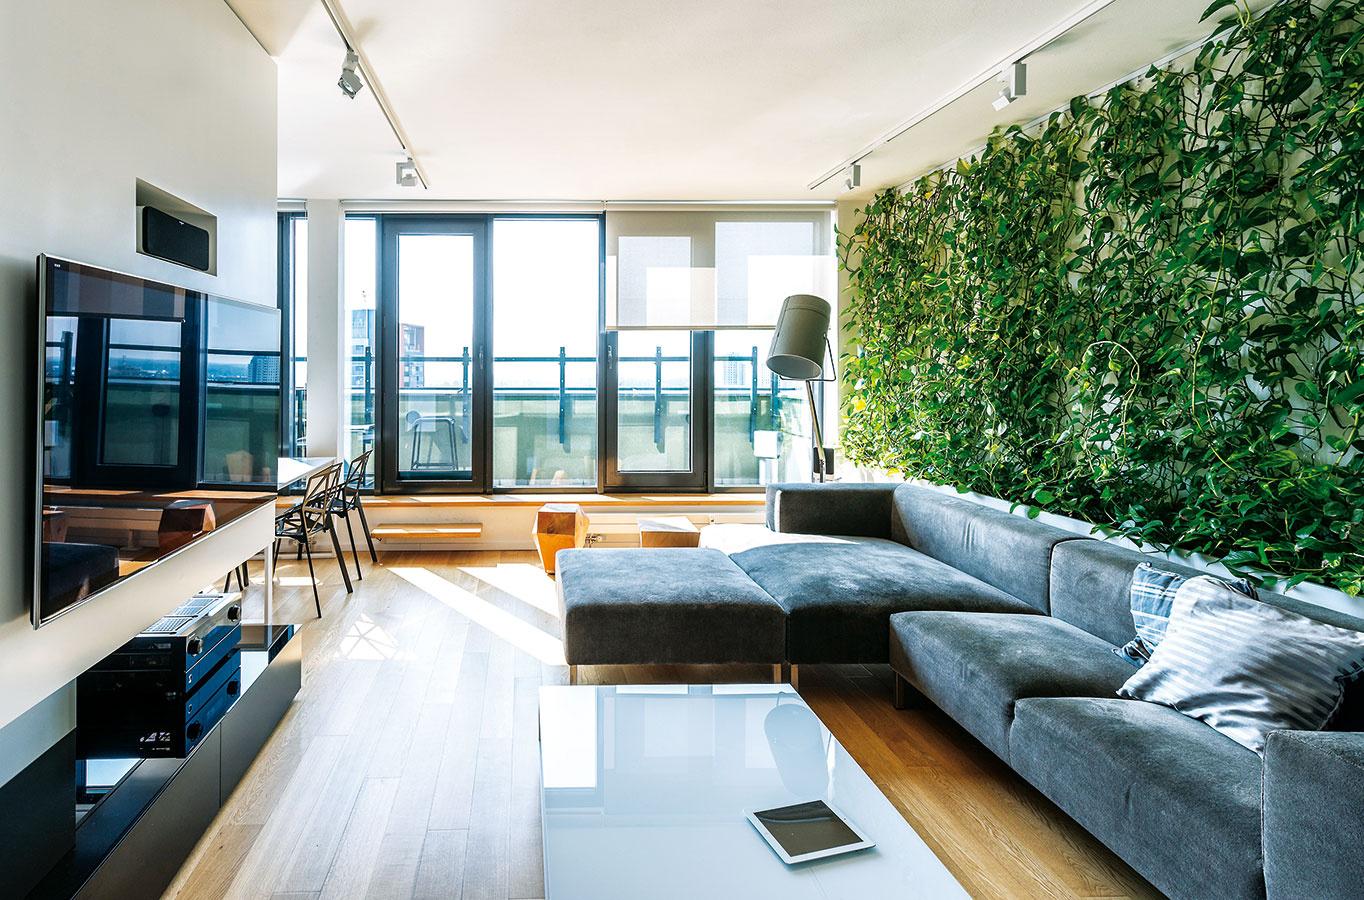 Elegantné apríjemné. Obývačke dominuje pohodlná sivá sedačka, ktorú decentne dopĺňa čierna stojaca lampa – jej  príjemné svetlo vnáša večer do priestoru útulnosť.